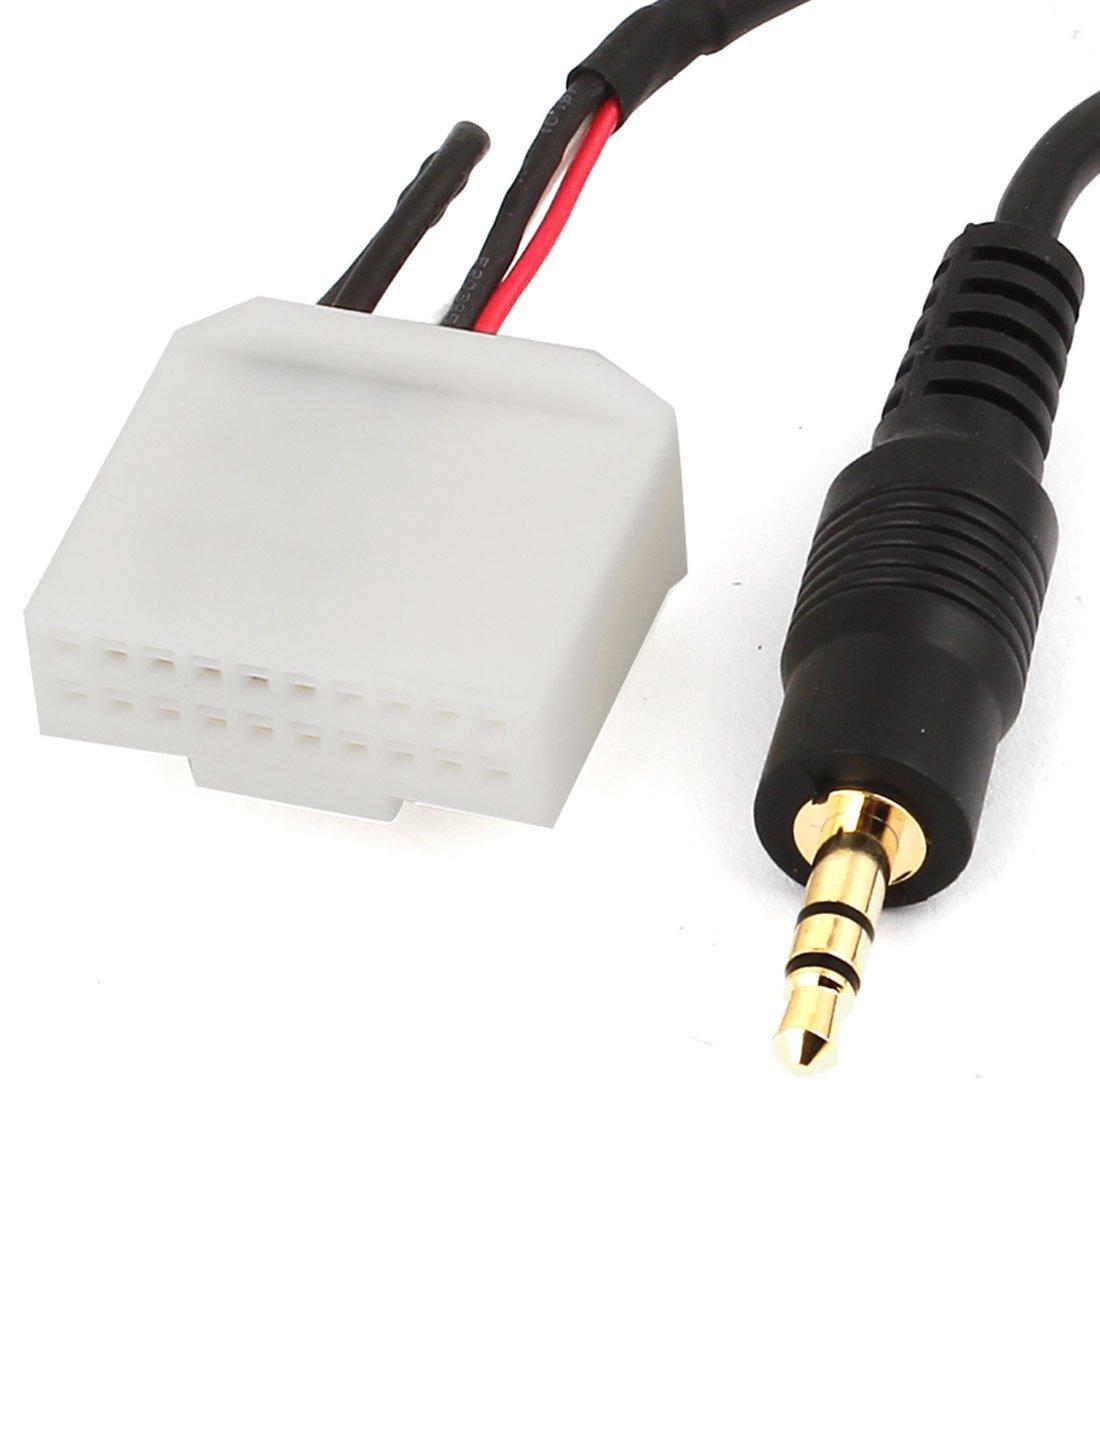 92cm long car speaker aux wire harness male adapter amazon co uk 92cm long car speaker aux wire harness male adapter amazon co uk electronics